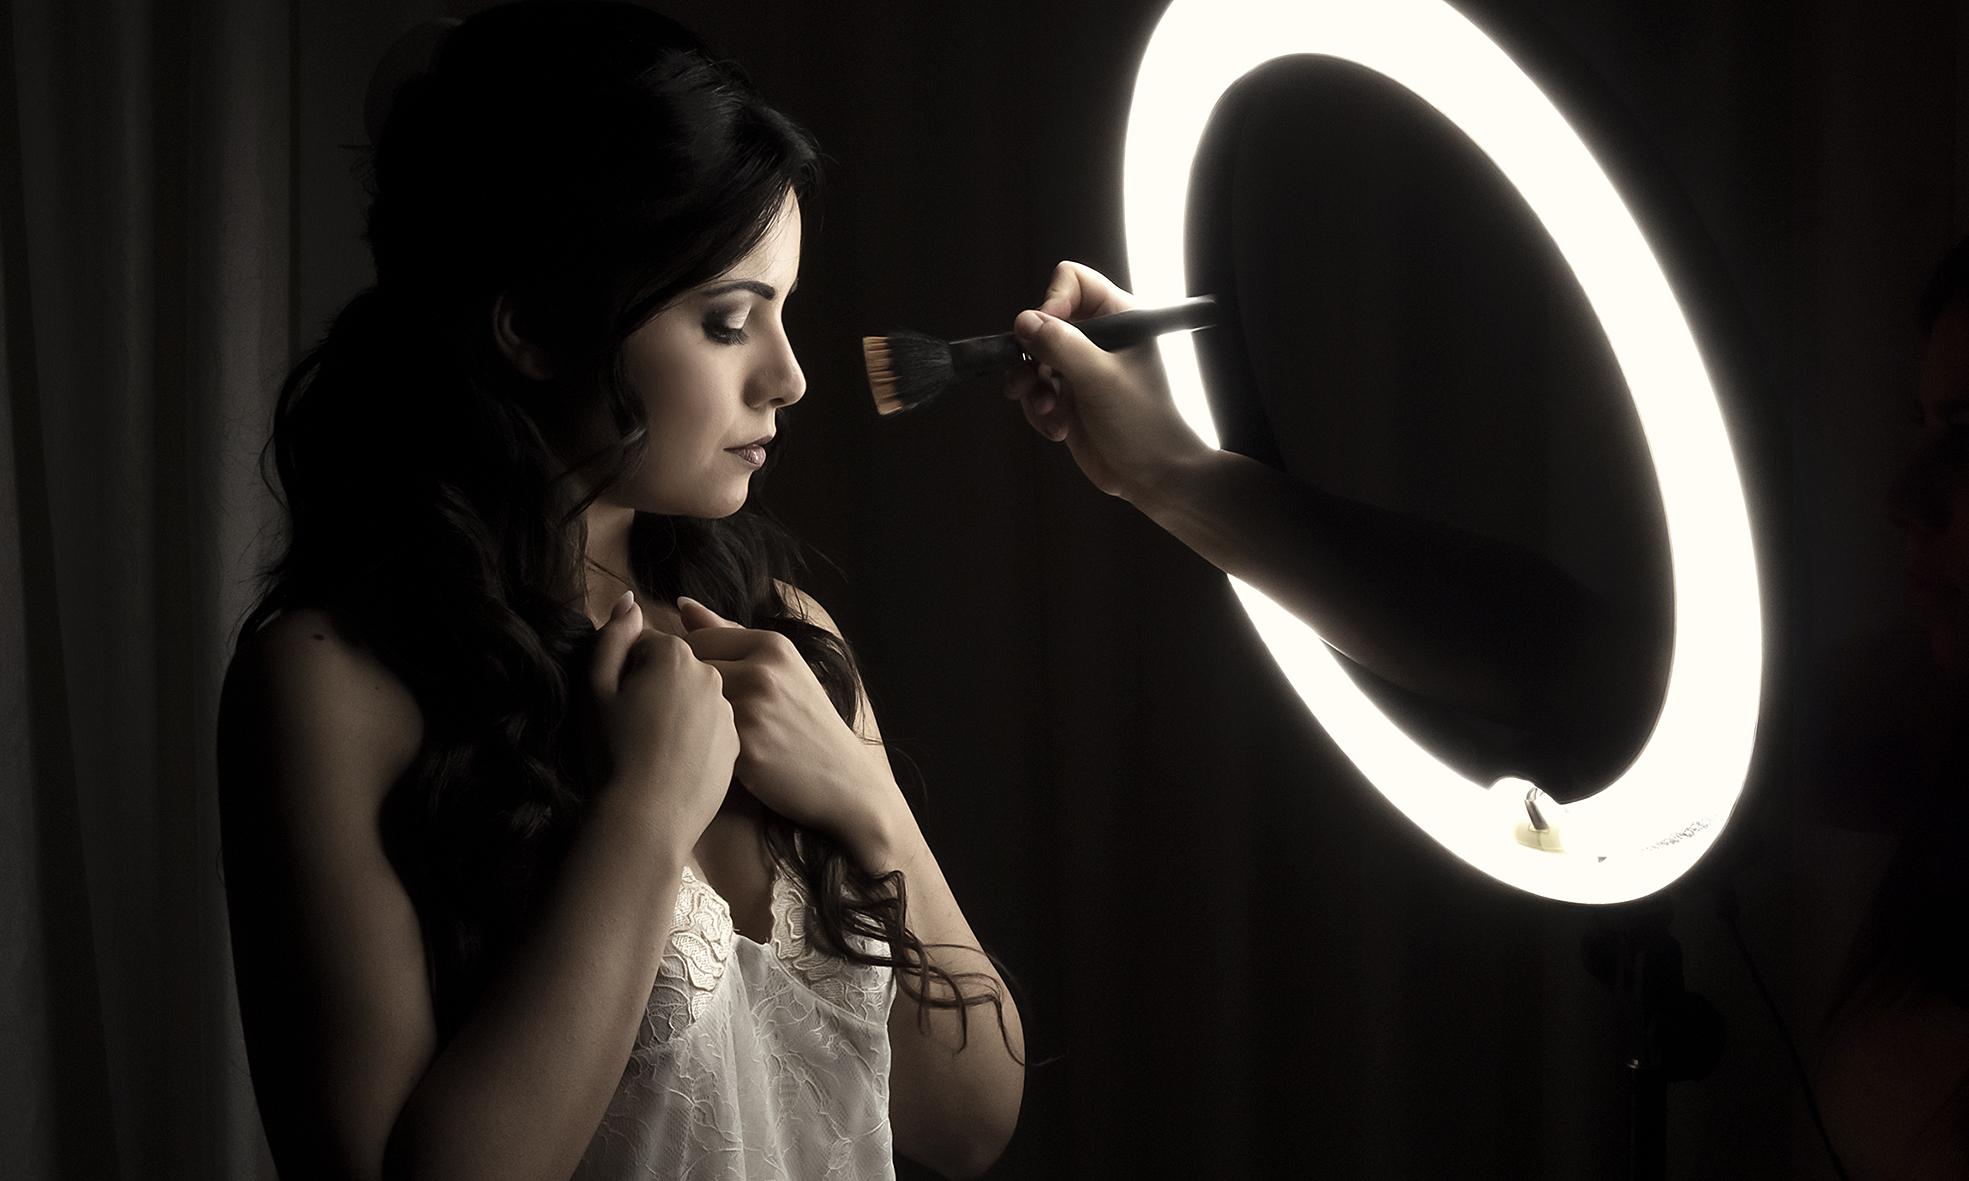 Fotografo Sposa: ritratto makeup sposa